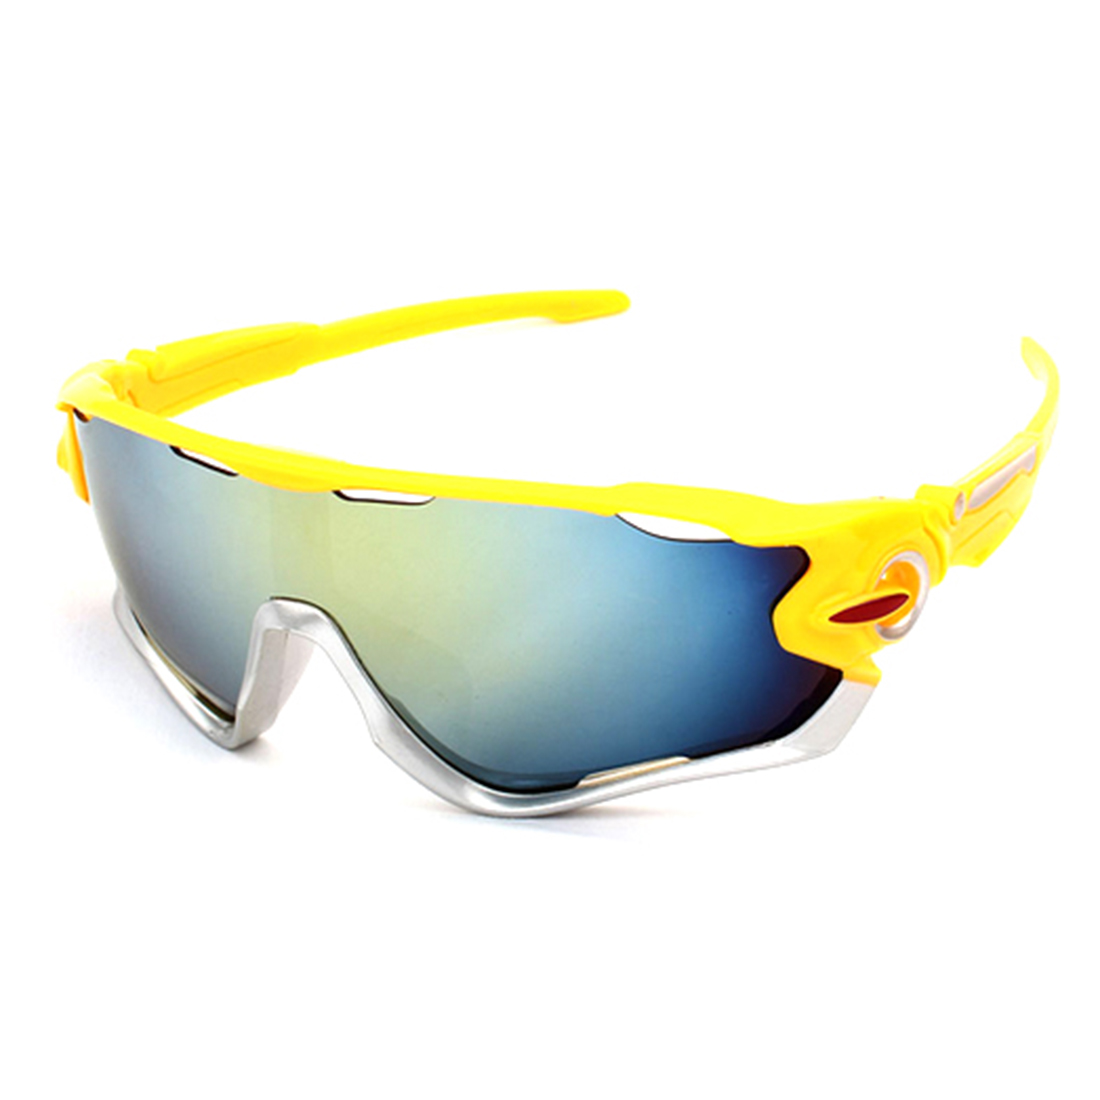 Защита для глаз Ночное видение активного отдыха, Лыжный Спорт Велоспорт ветер, желтый Рамки серебряный край Золотой Плёнки